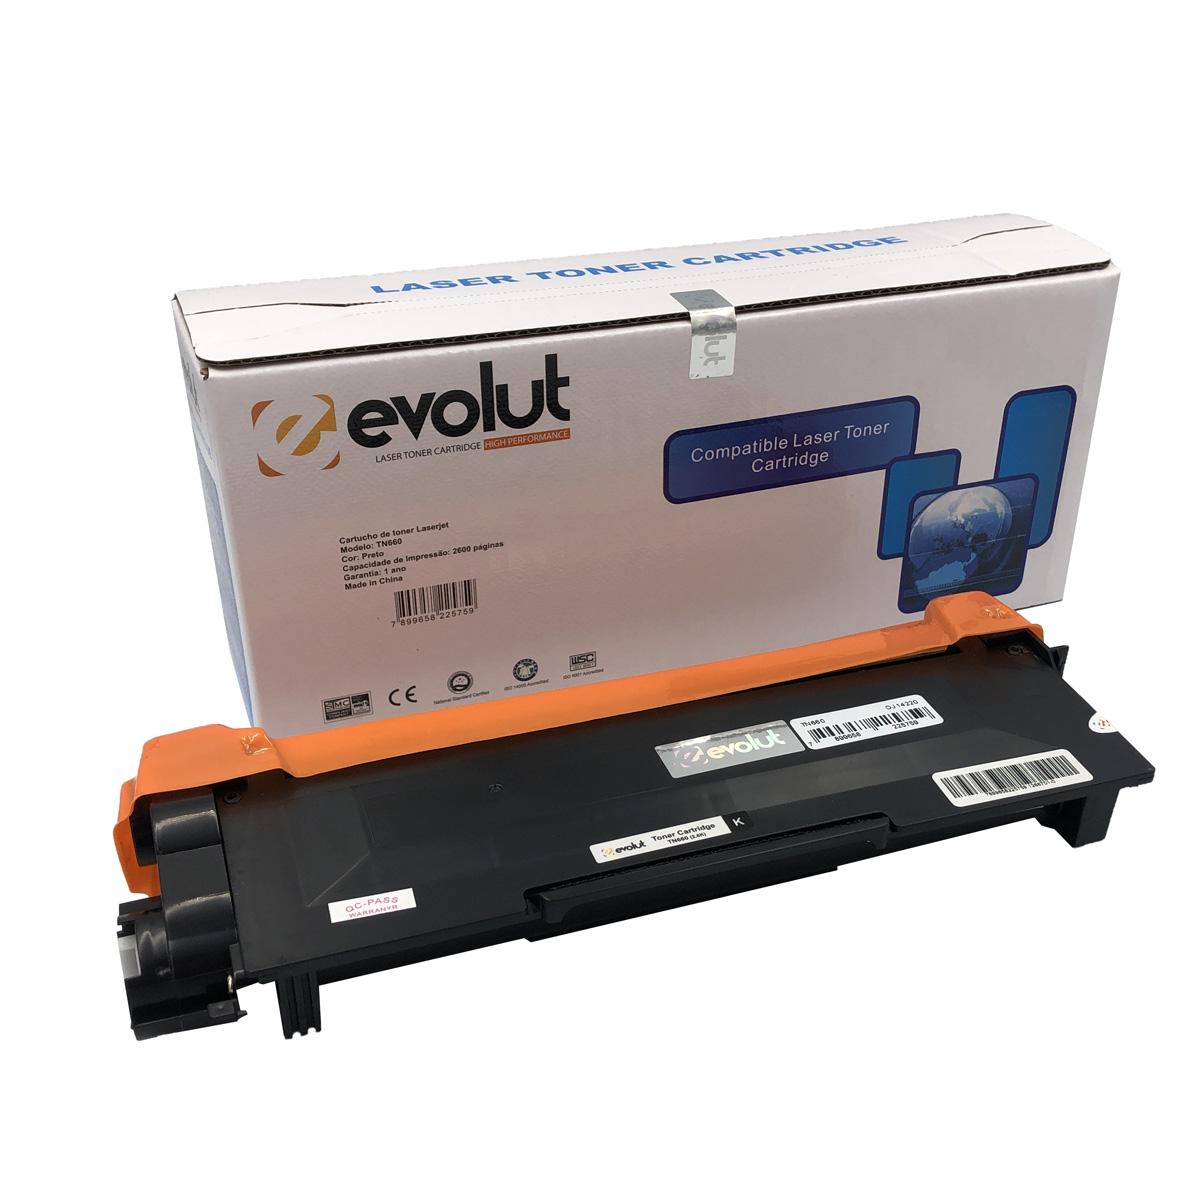 Toner TN660 Evolut Compatível com L2320 2360 L2700 L2740 da Brother